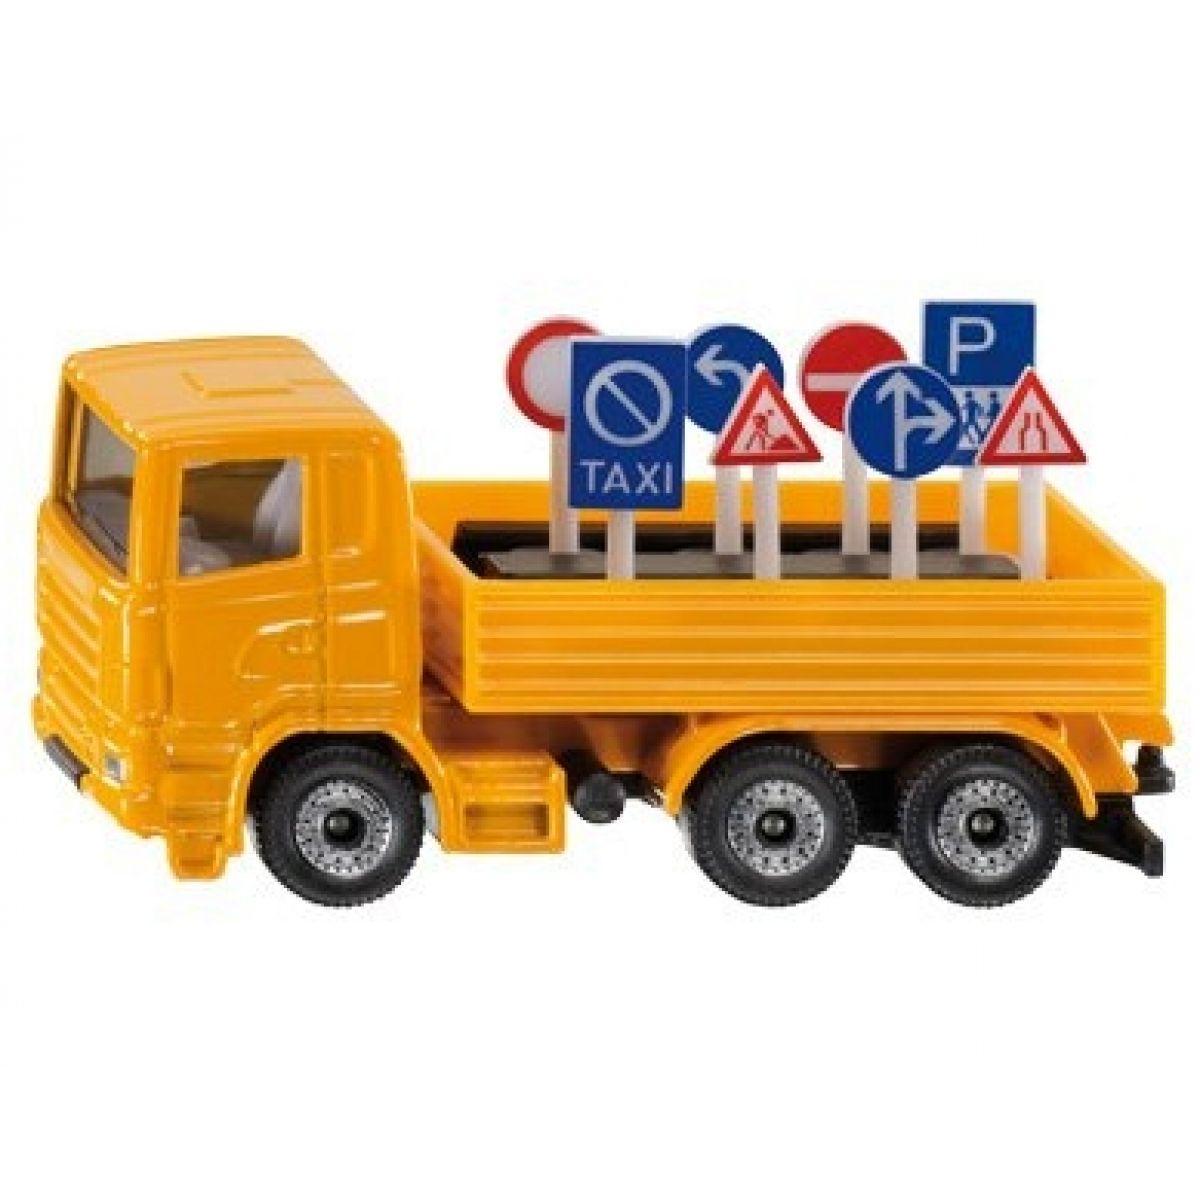 Siku 1322 Nákladní vozidlo s dopravními značkami